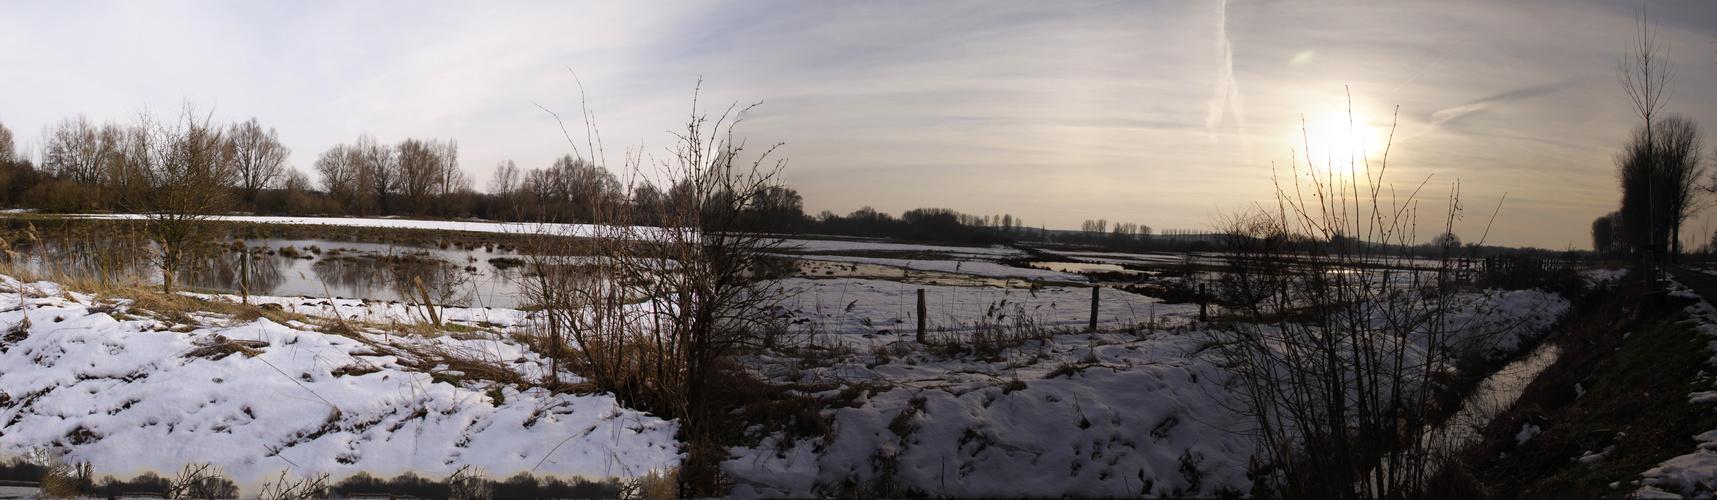 Späten Nachmittag am Niederrhein